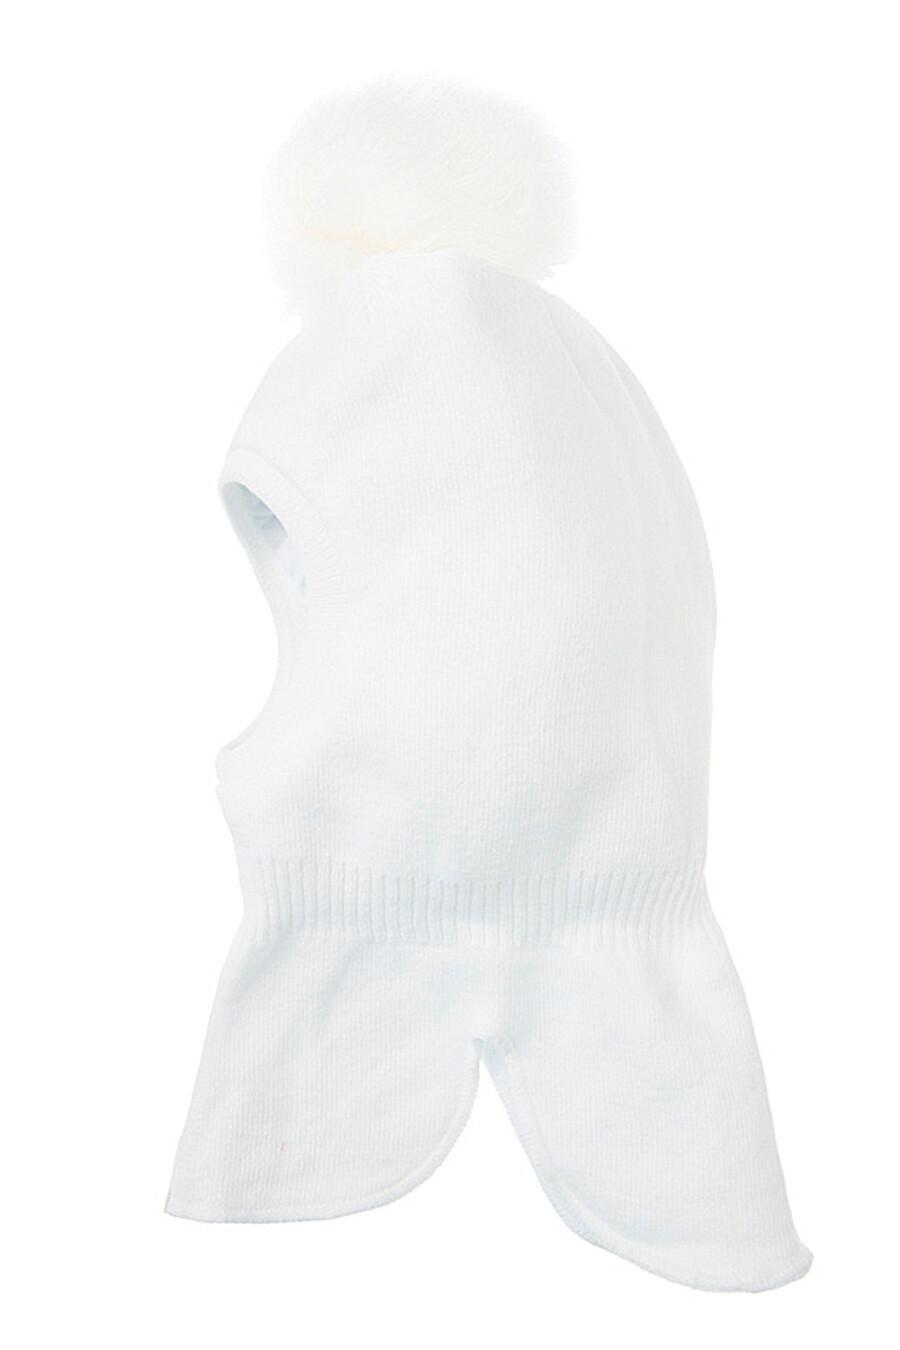 Шапка-шлем для девочек PLAYTODAY 239374 купить оптом от производителя. Совместная покупка детской одежды в OptMoyo